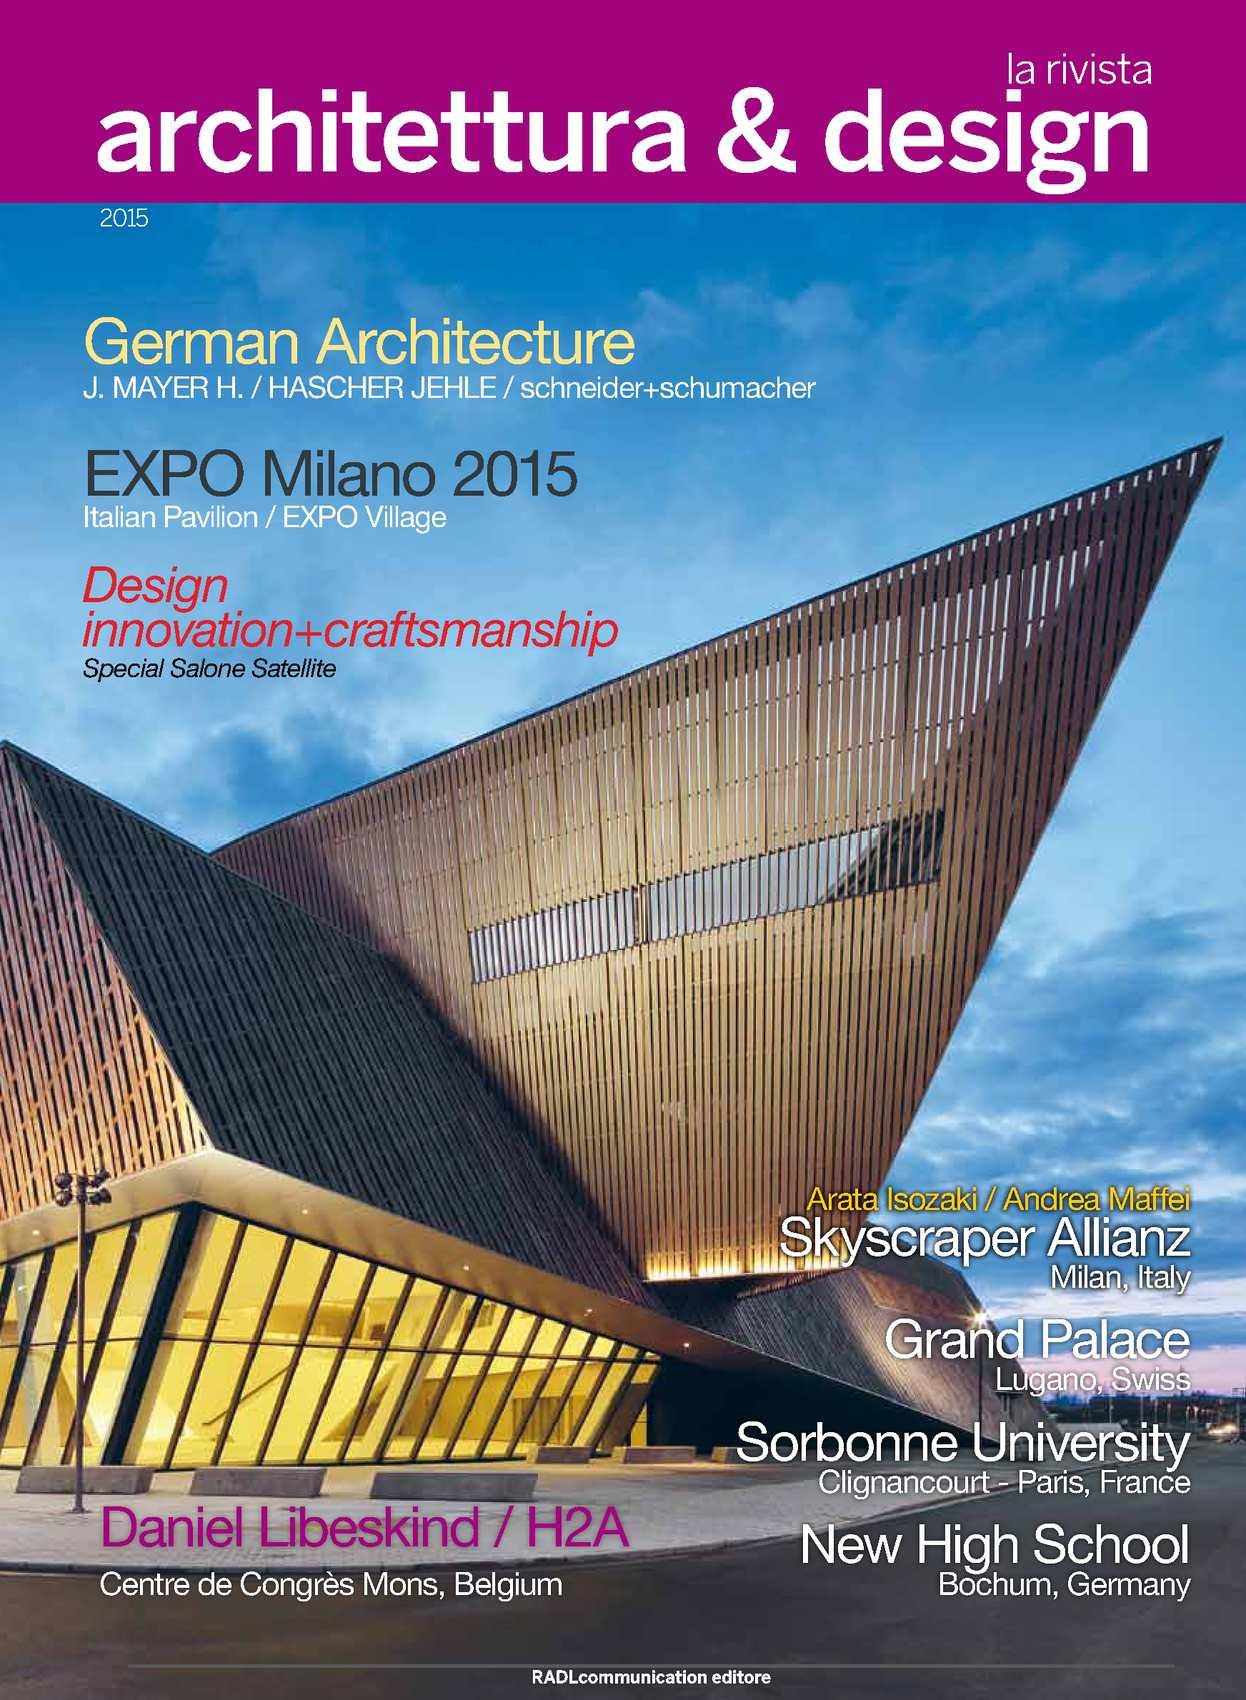 Calam o rivista architettura design for Architettura e design milano